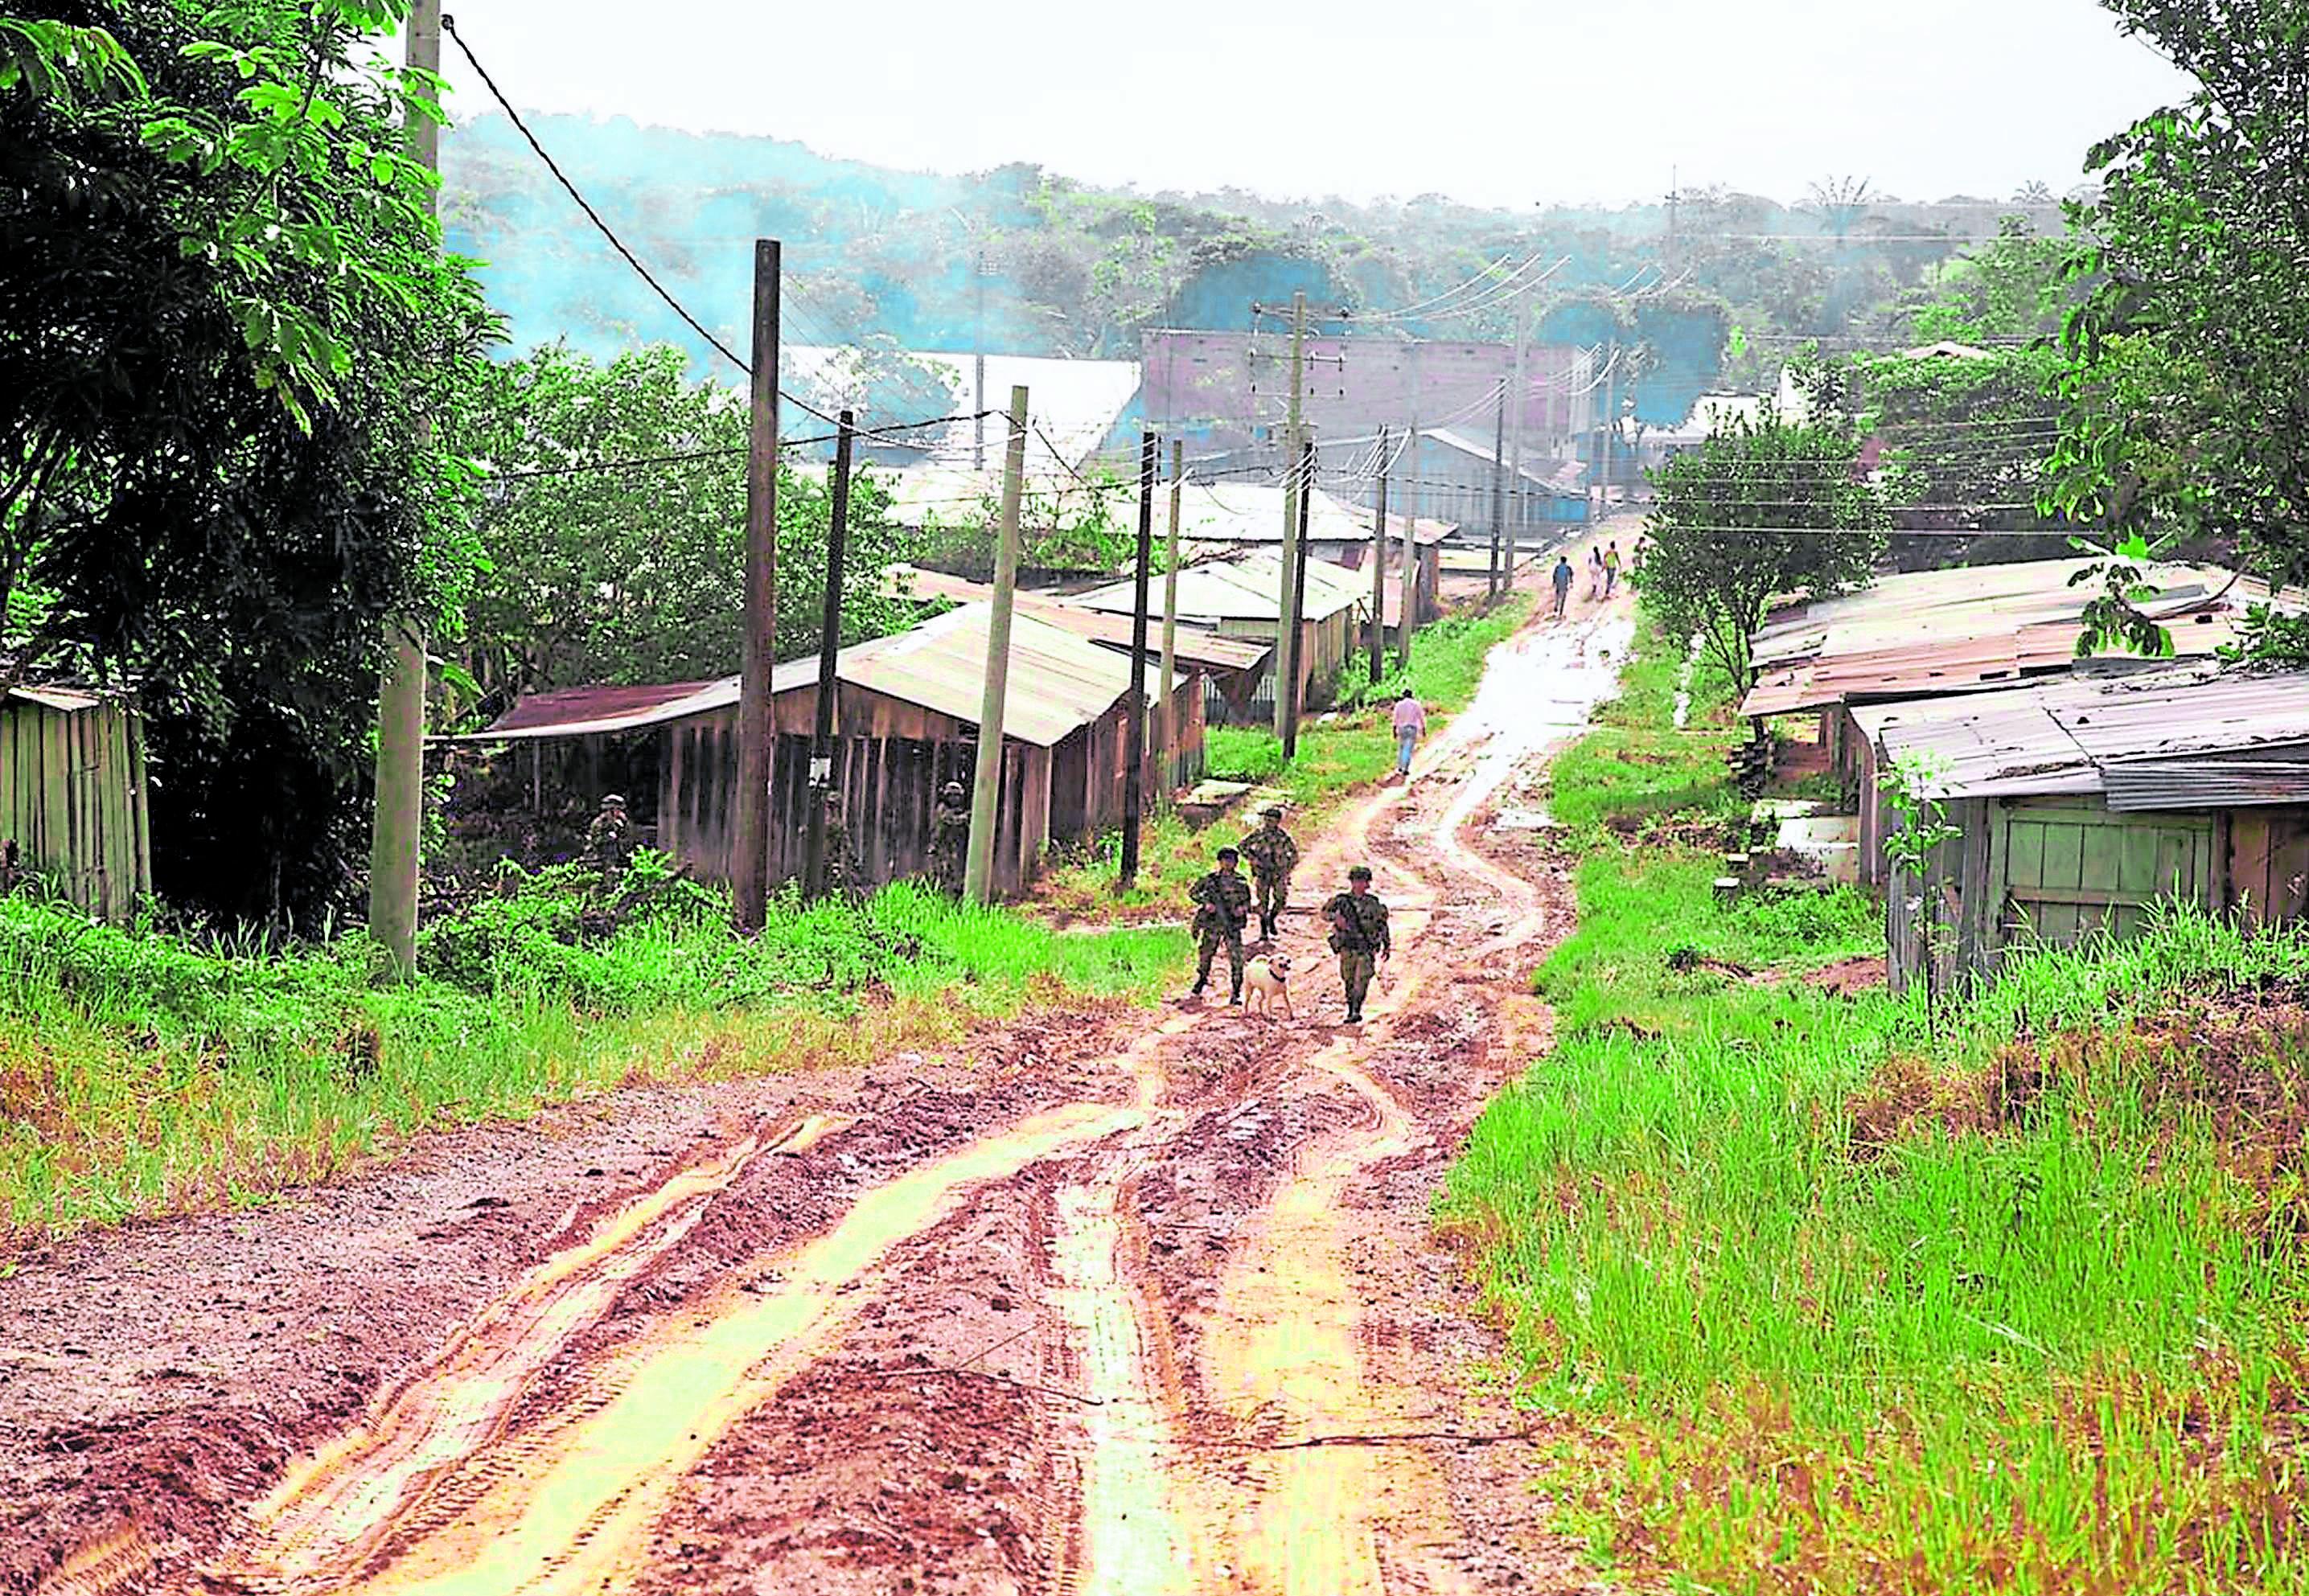 El sendero ecológico para desembotellar a La Macarena, en el Meta